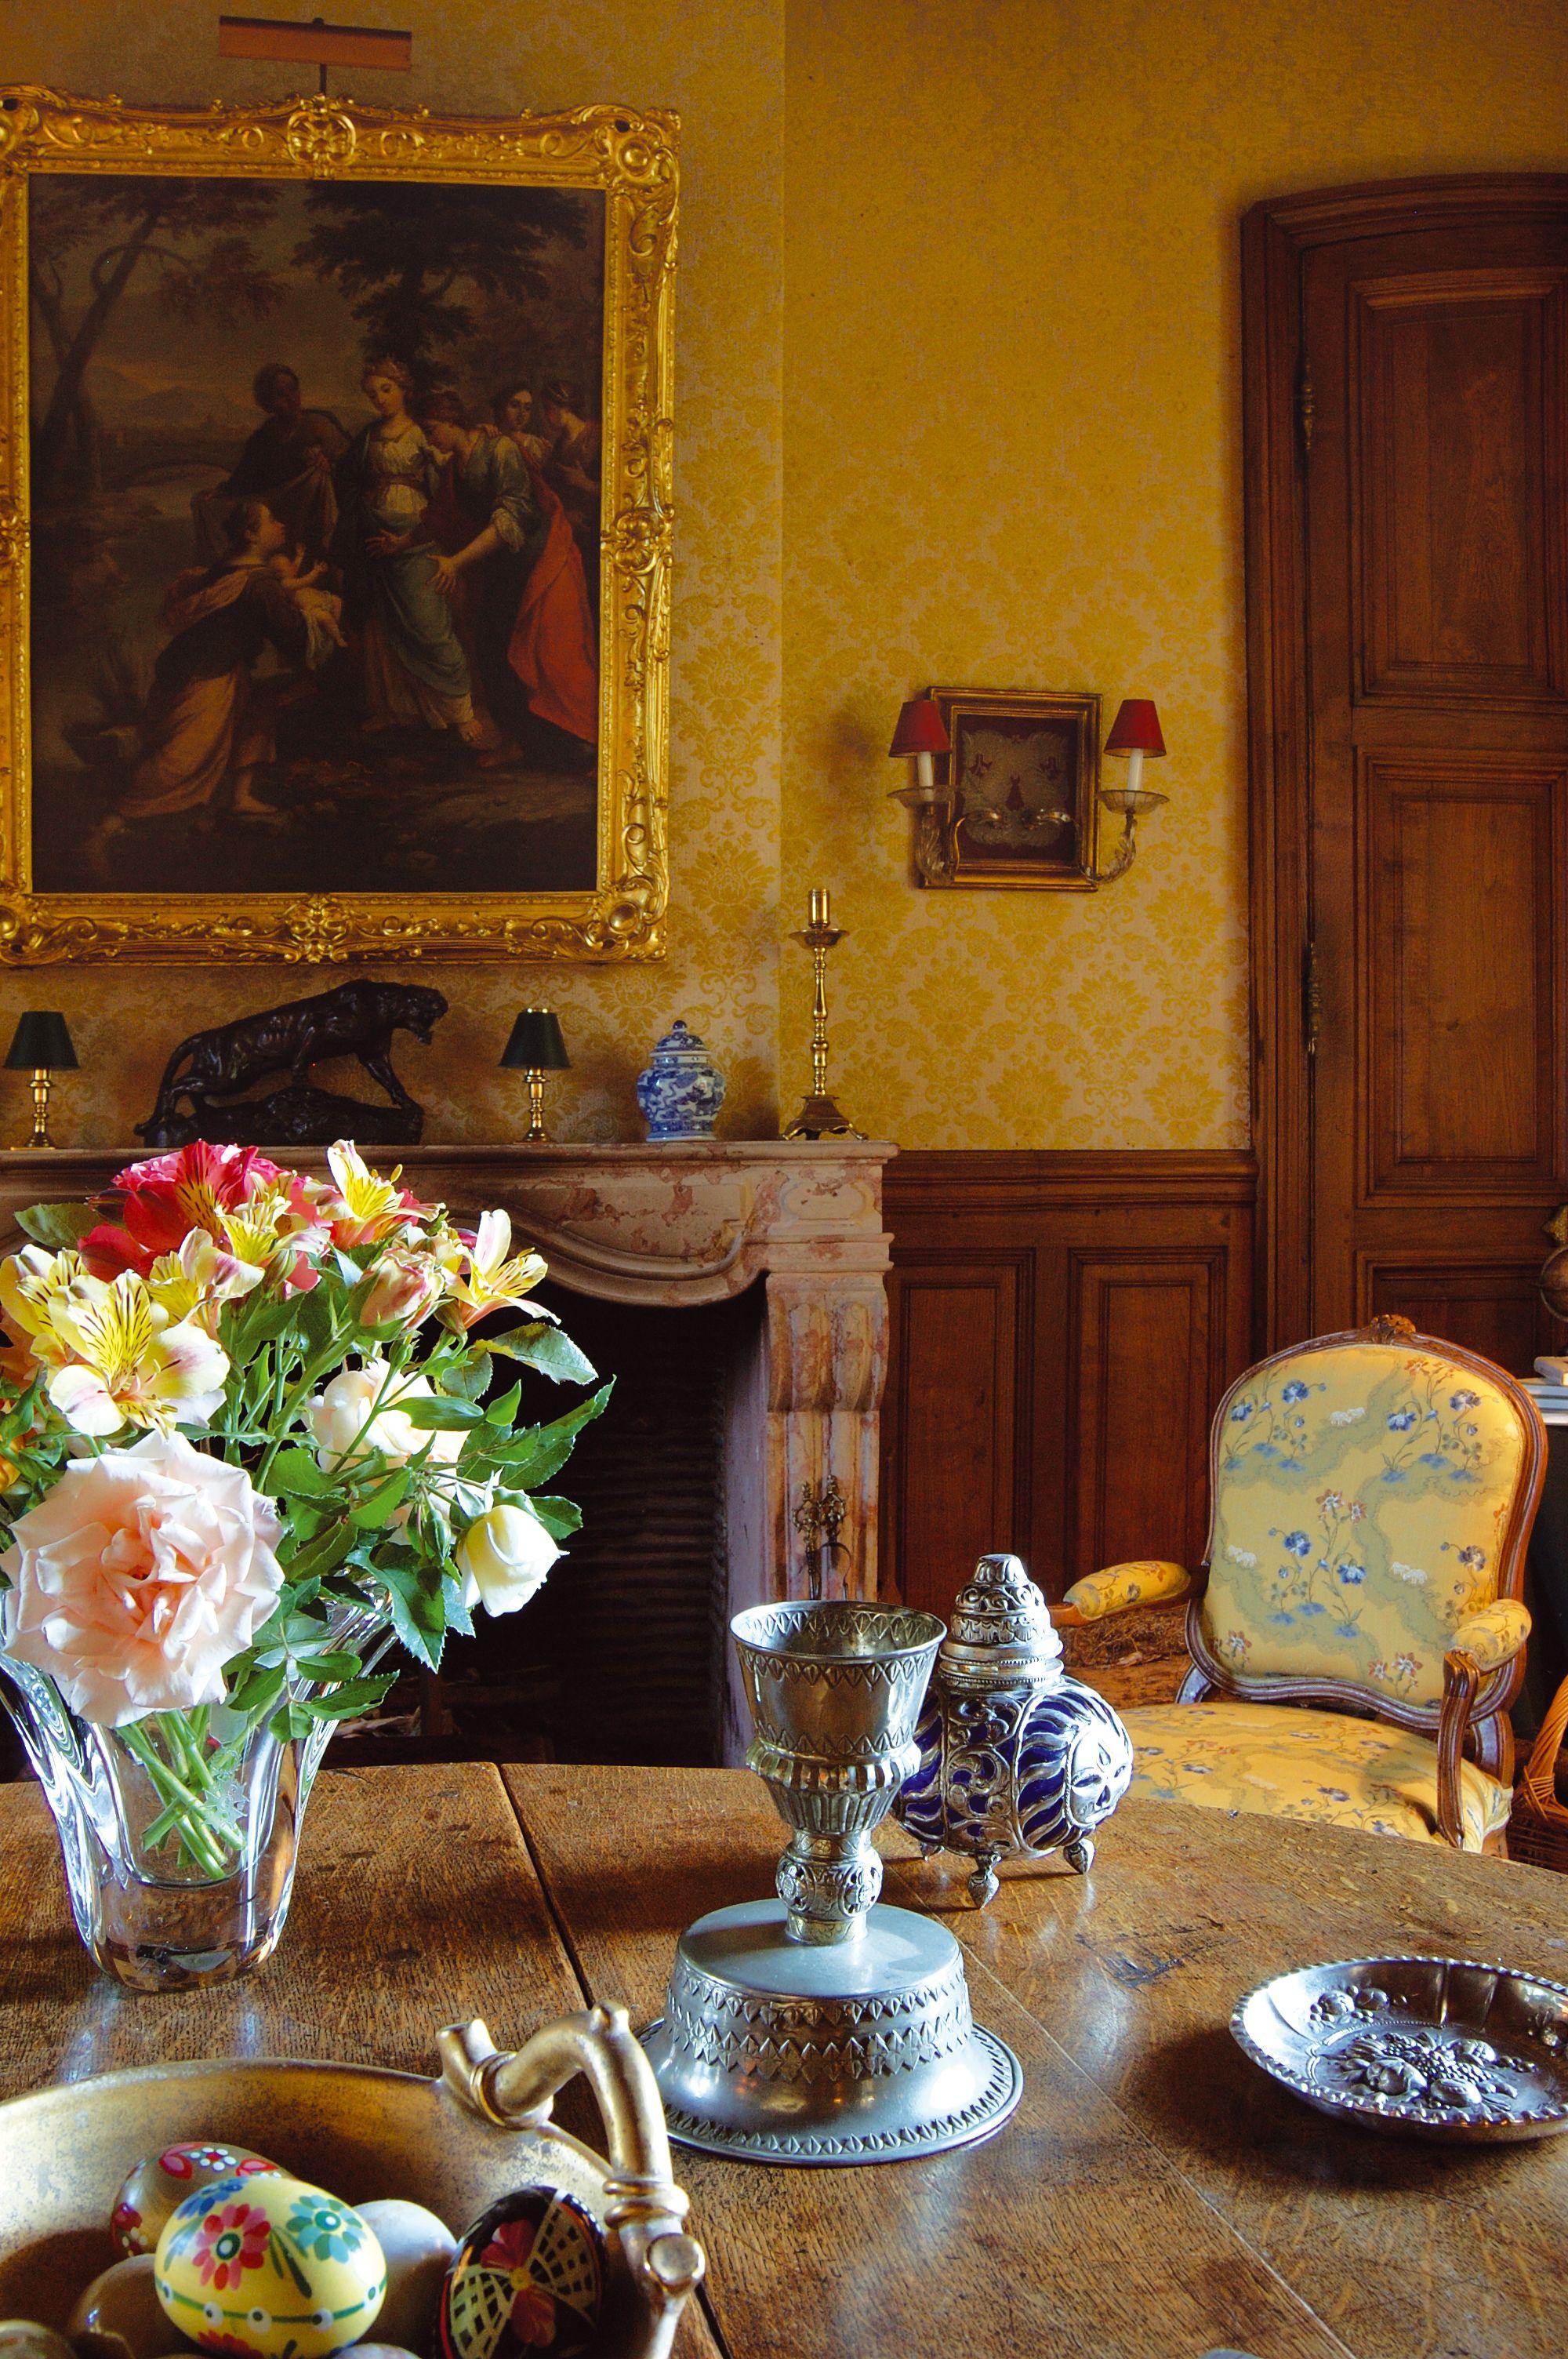 Chambres Dhôtes En Vendée Près Du Puy Du Fou Treasures Pinterest - Autour du puy du fou chambres d hotes